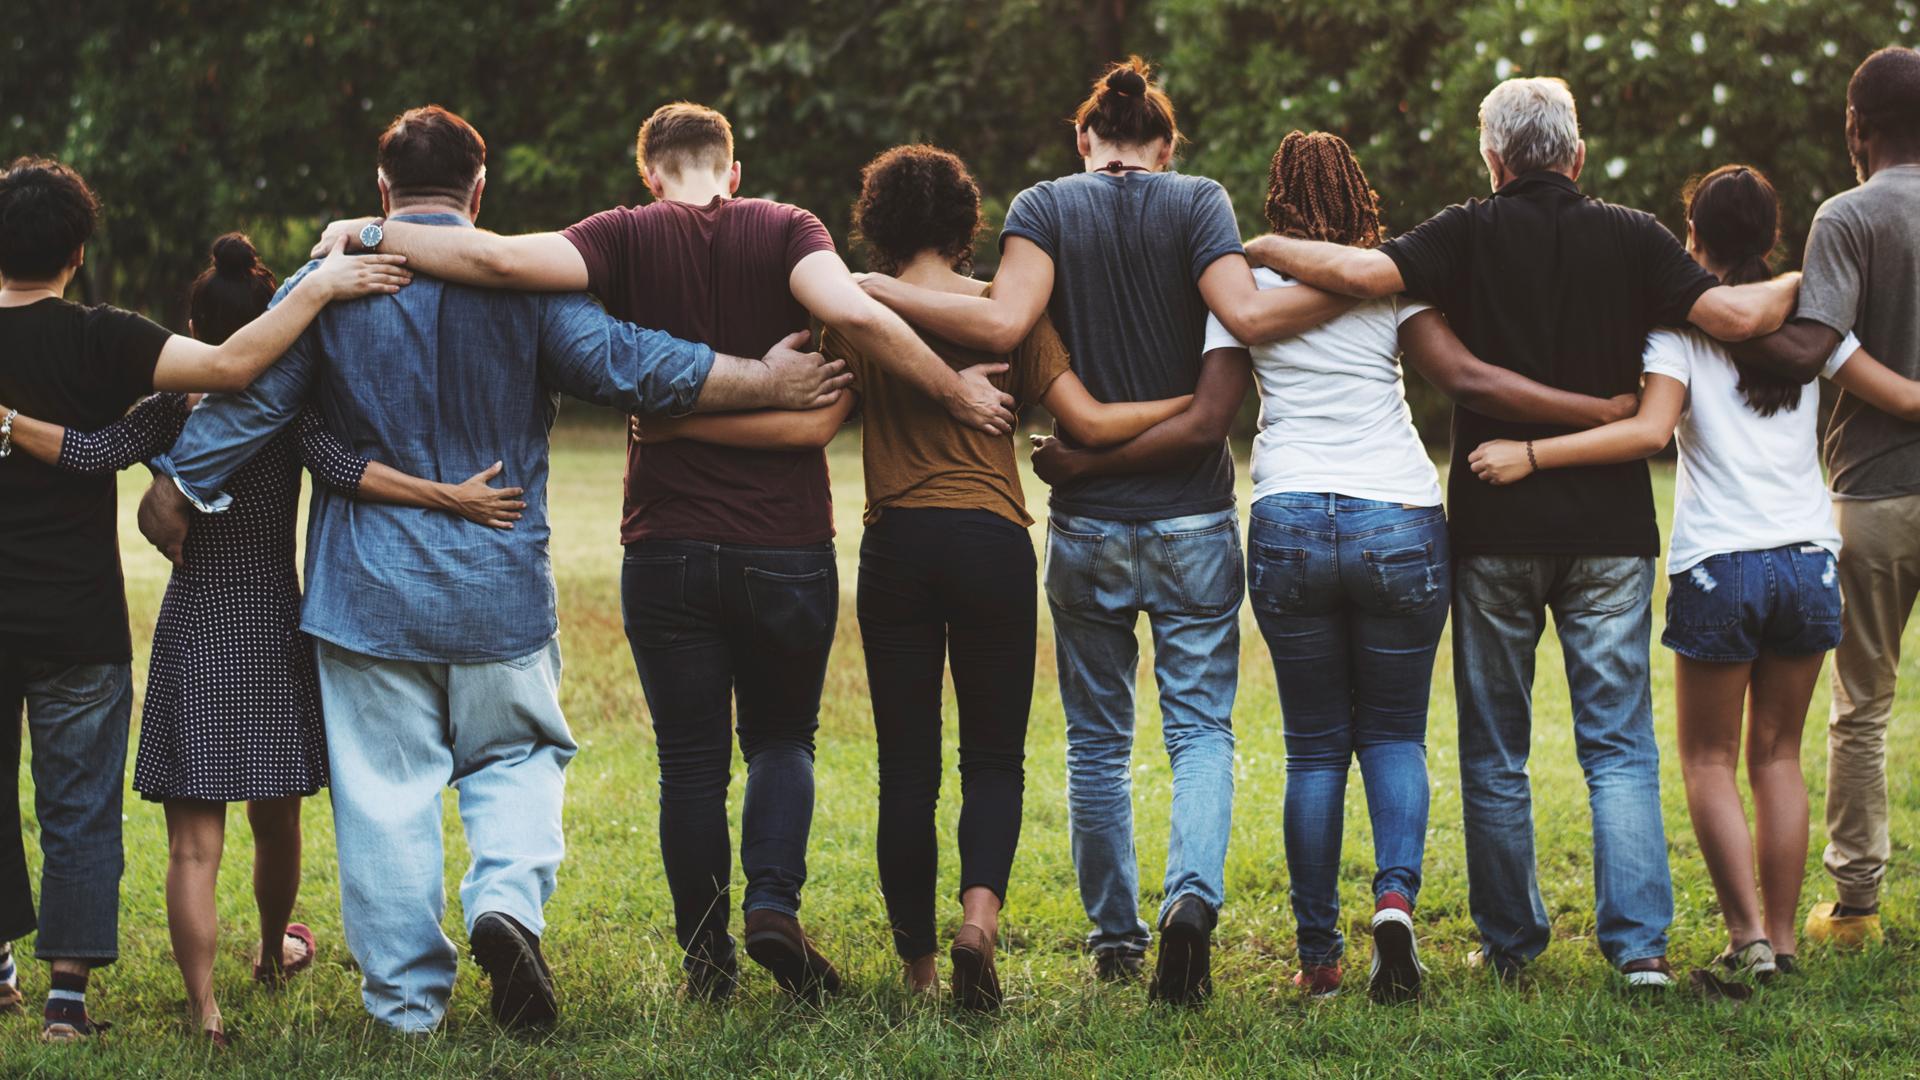 Eine Menschenkette von hinten - die jungen Leute haben sich die Arme über die Schultern gelegt und gehen vorwärts über eine Wiese.